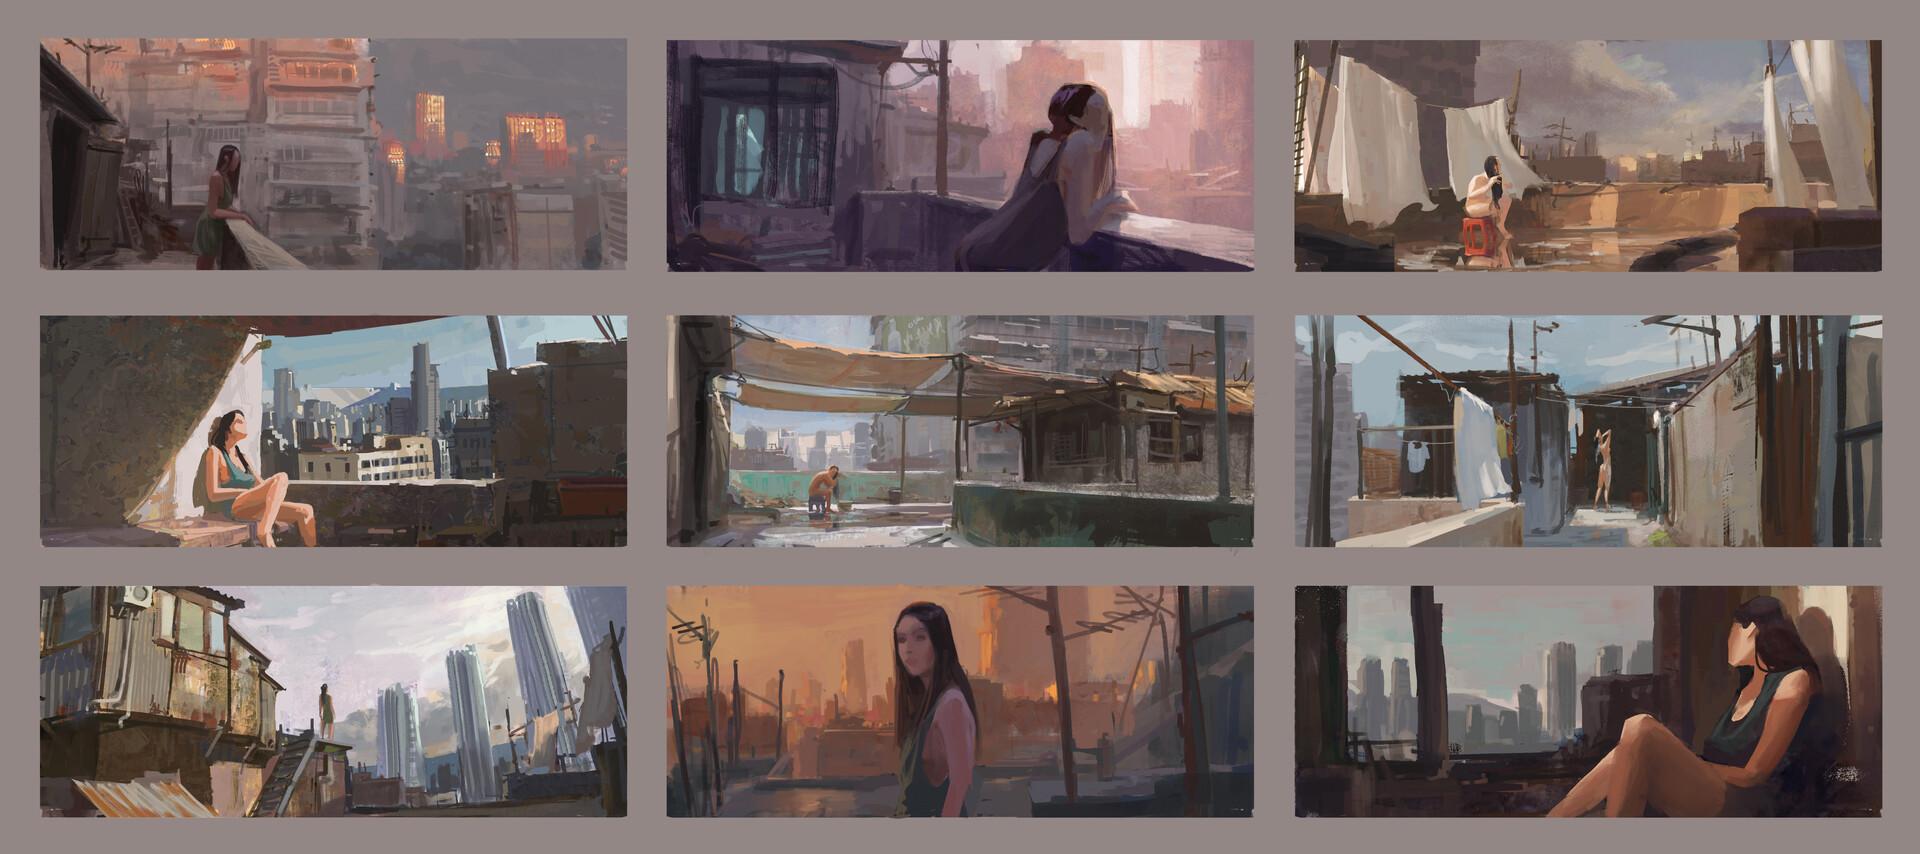 Julien gauthier bangkokxxiii emikosplace sketch v004 04